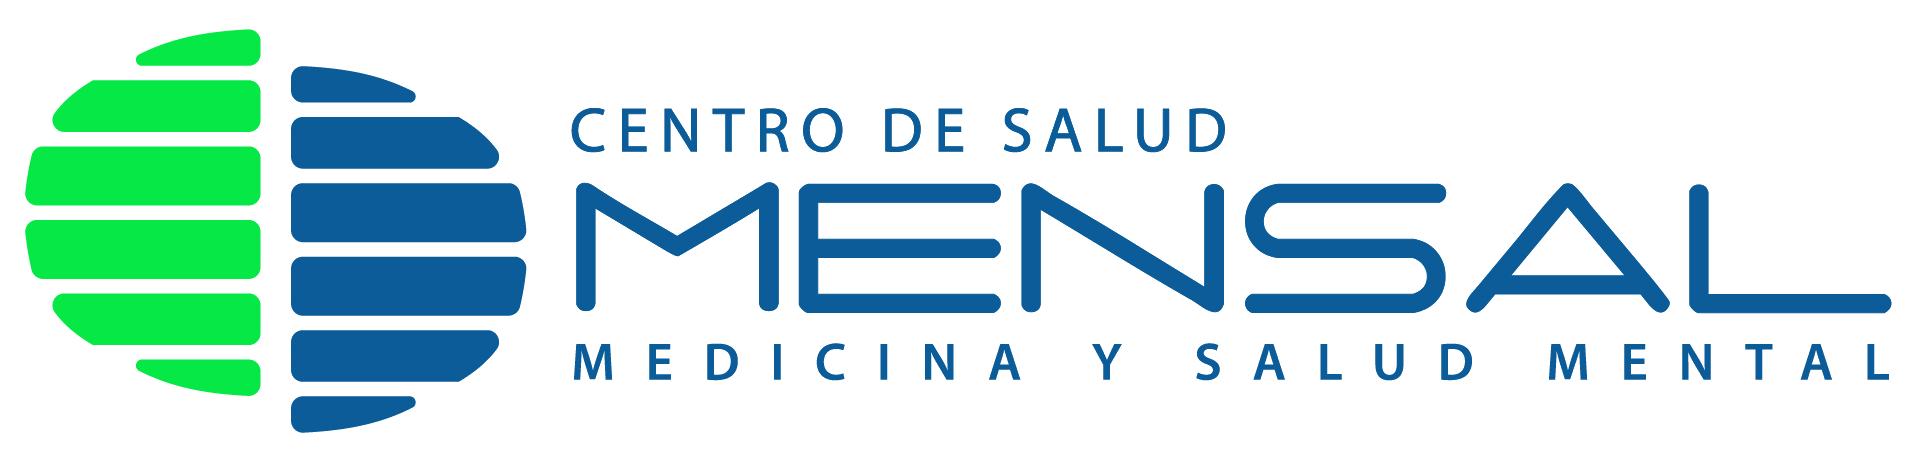 Mensal Centro de Salud Talca